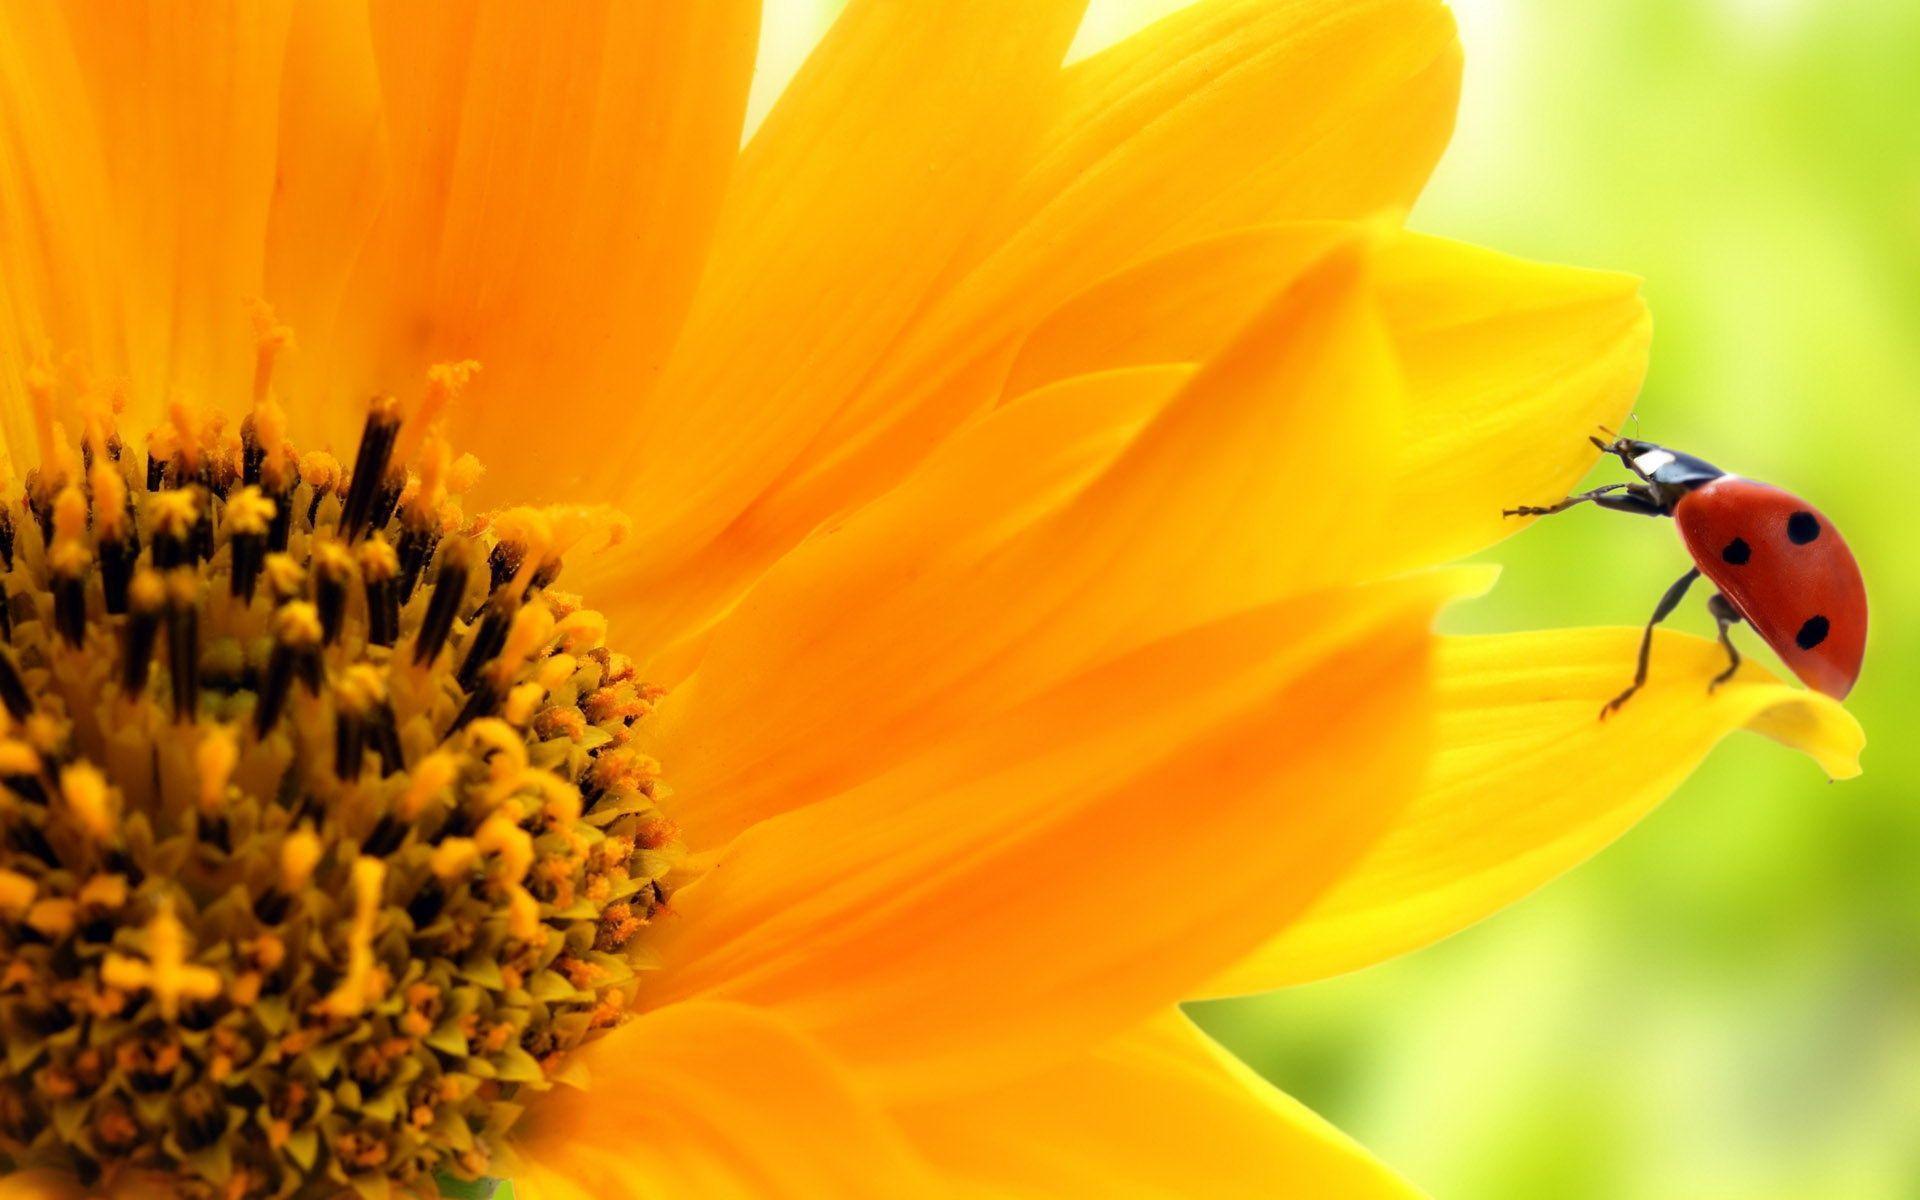 hinh nen hoa huong duong 20